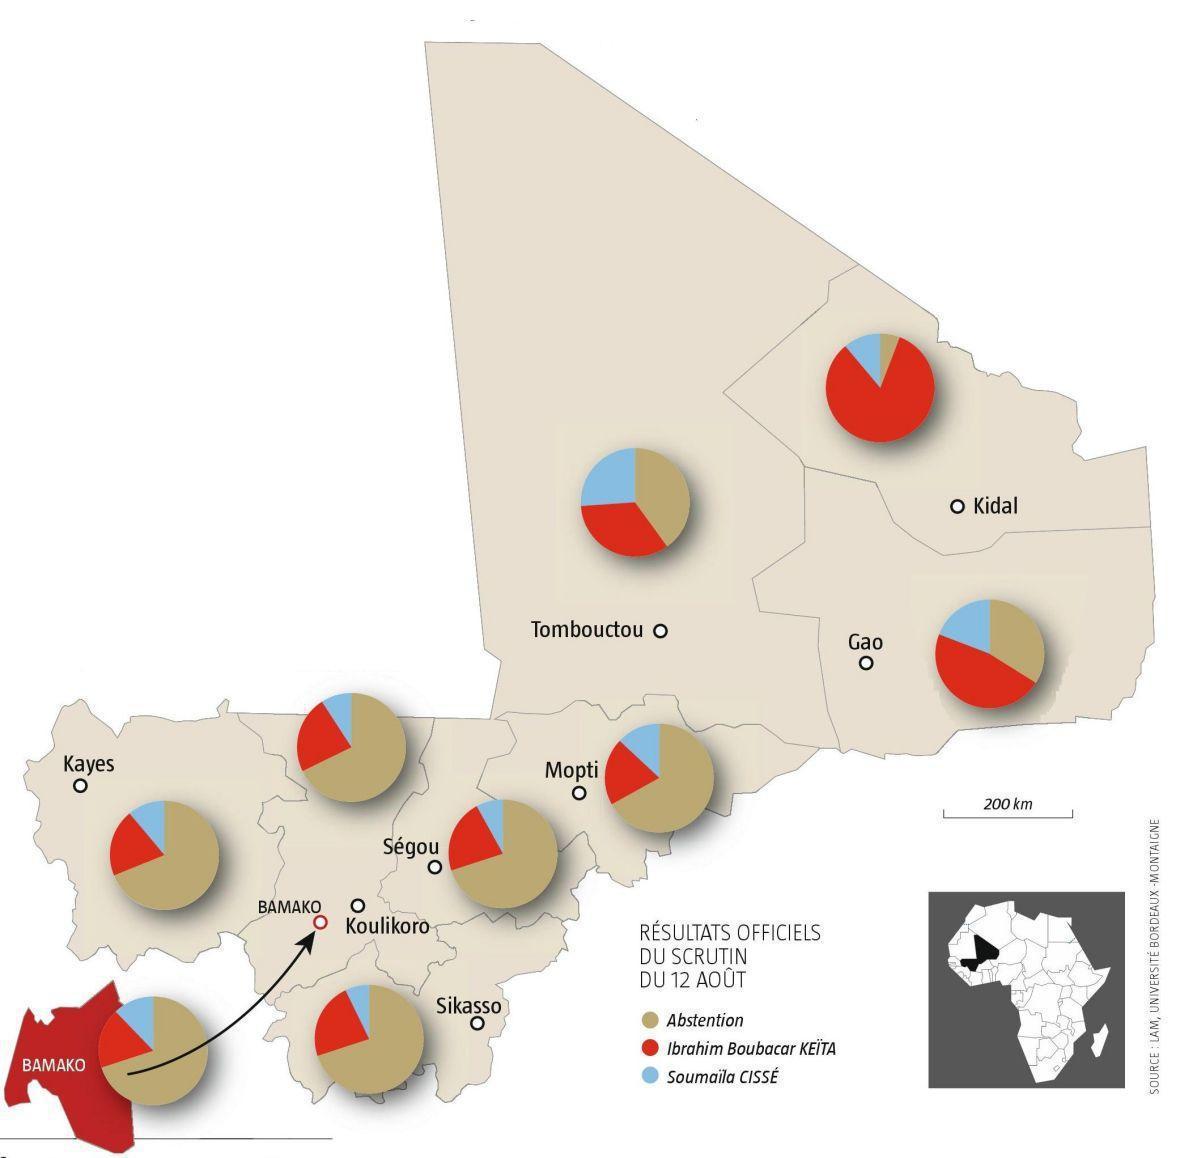 Résultats officiels du scrutin du 12 août 2018 au Mali